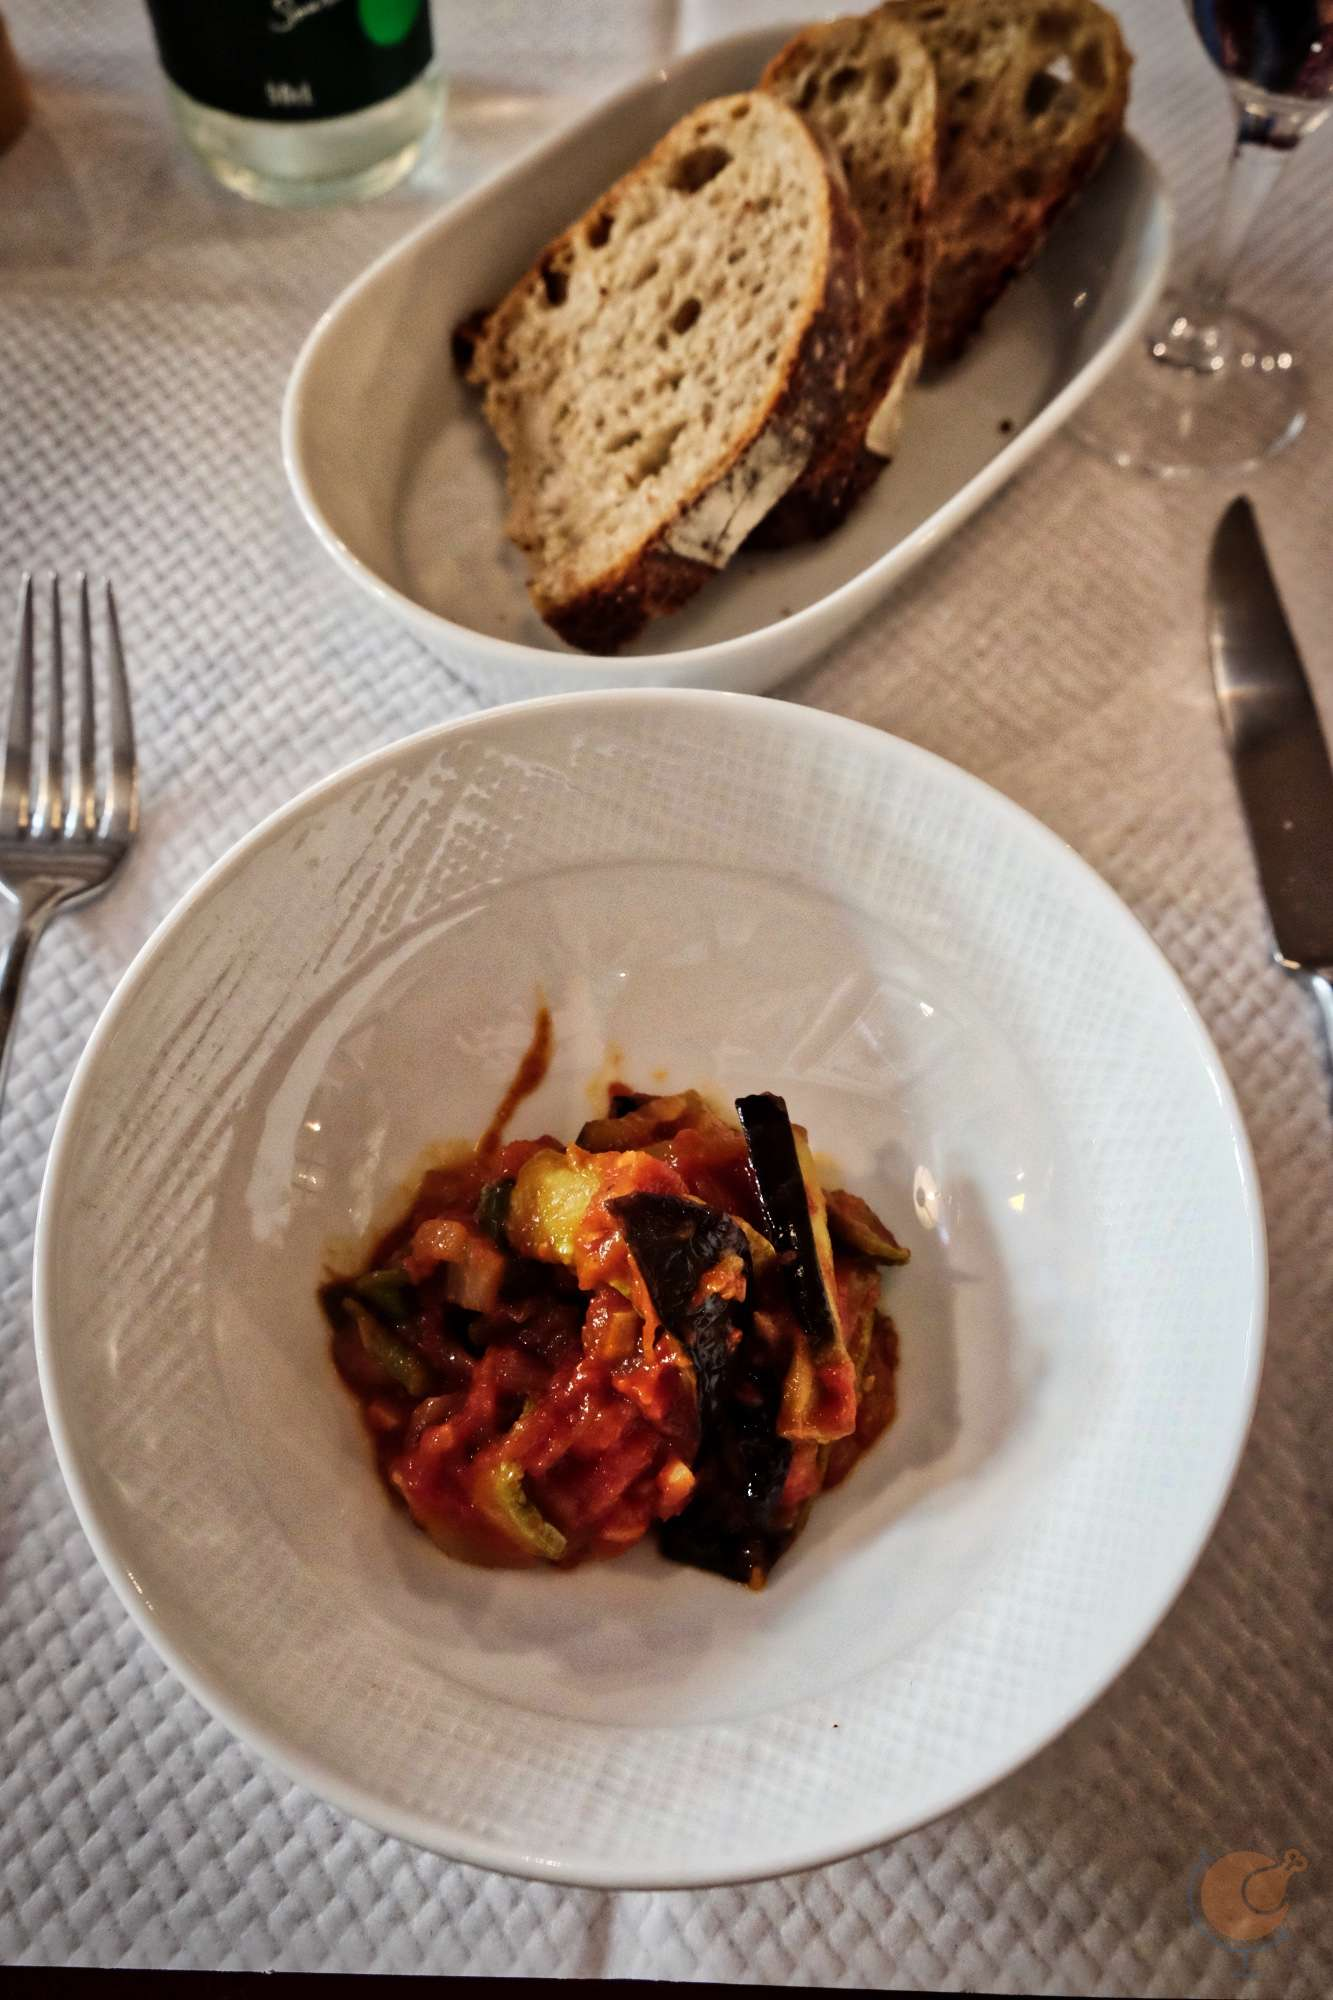 dscf1300_la_merenda_nice_nizza_restaurant_vilagevo_jokuti_andras_l_w.jpg